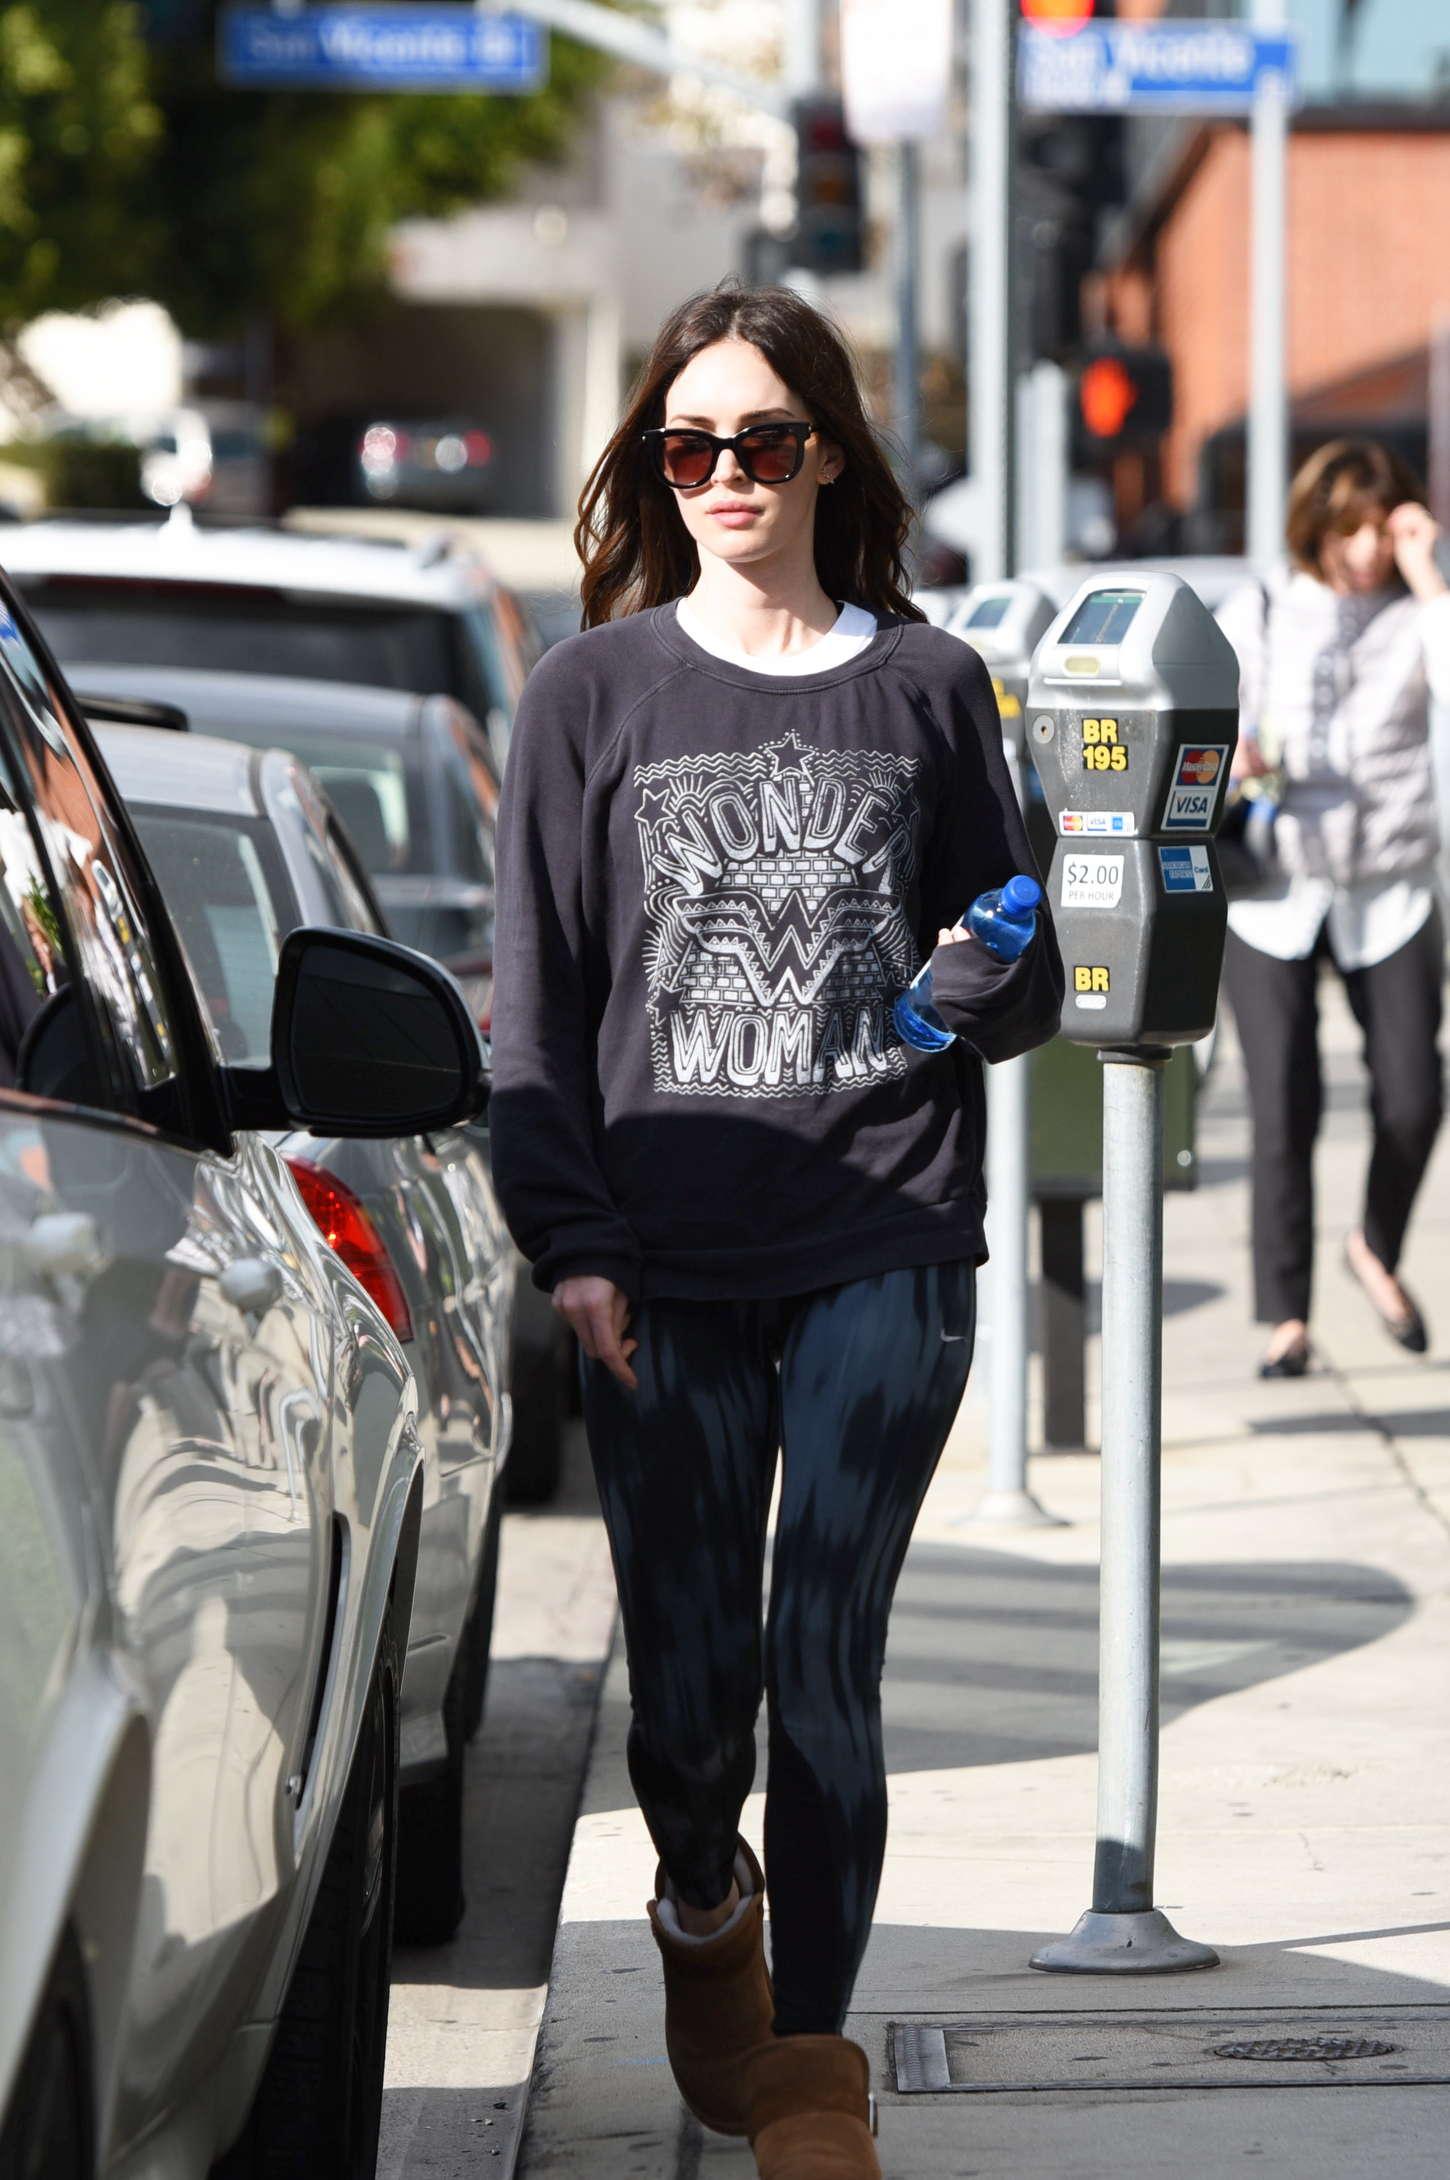 Megan Fox in Spandex out in LA